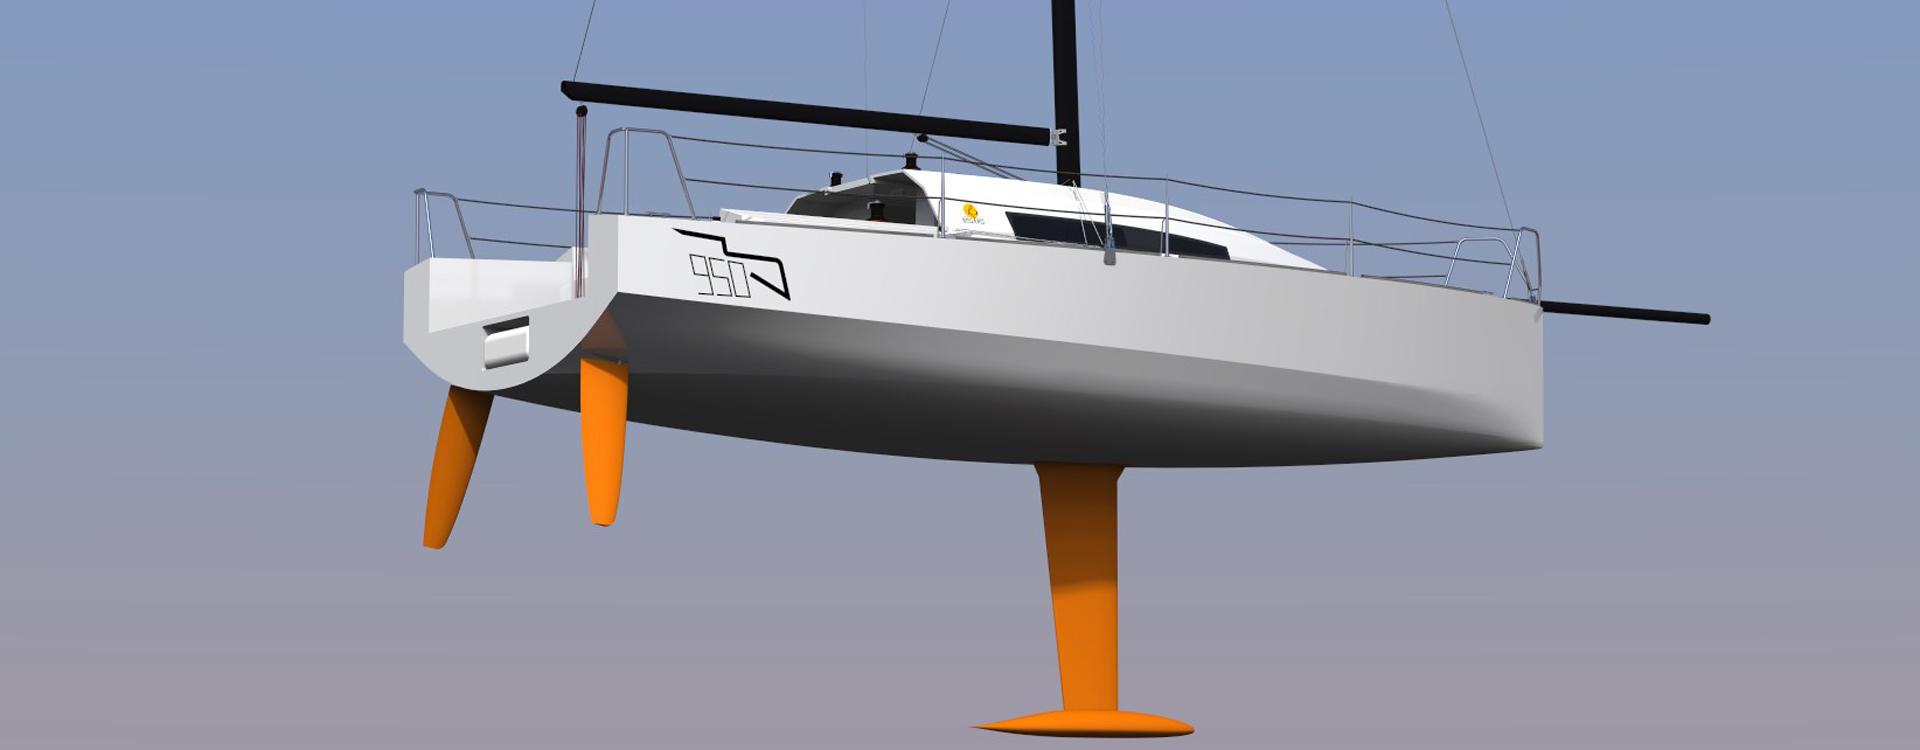 Classe 950 course au large voile voilier sous la flotaison